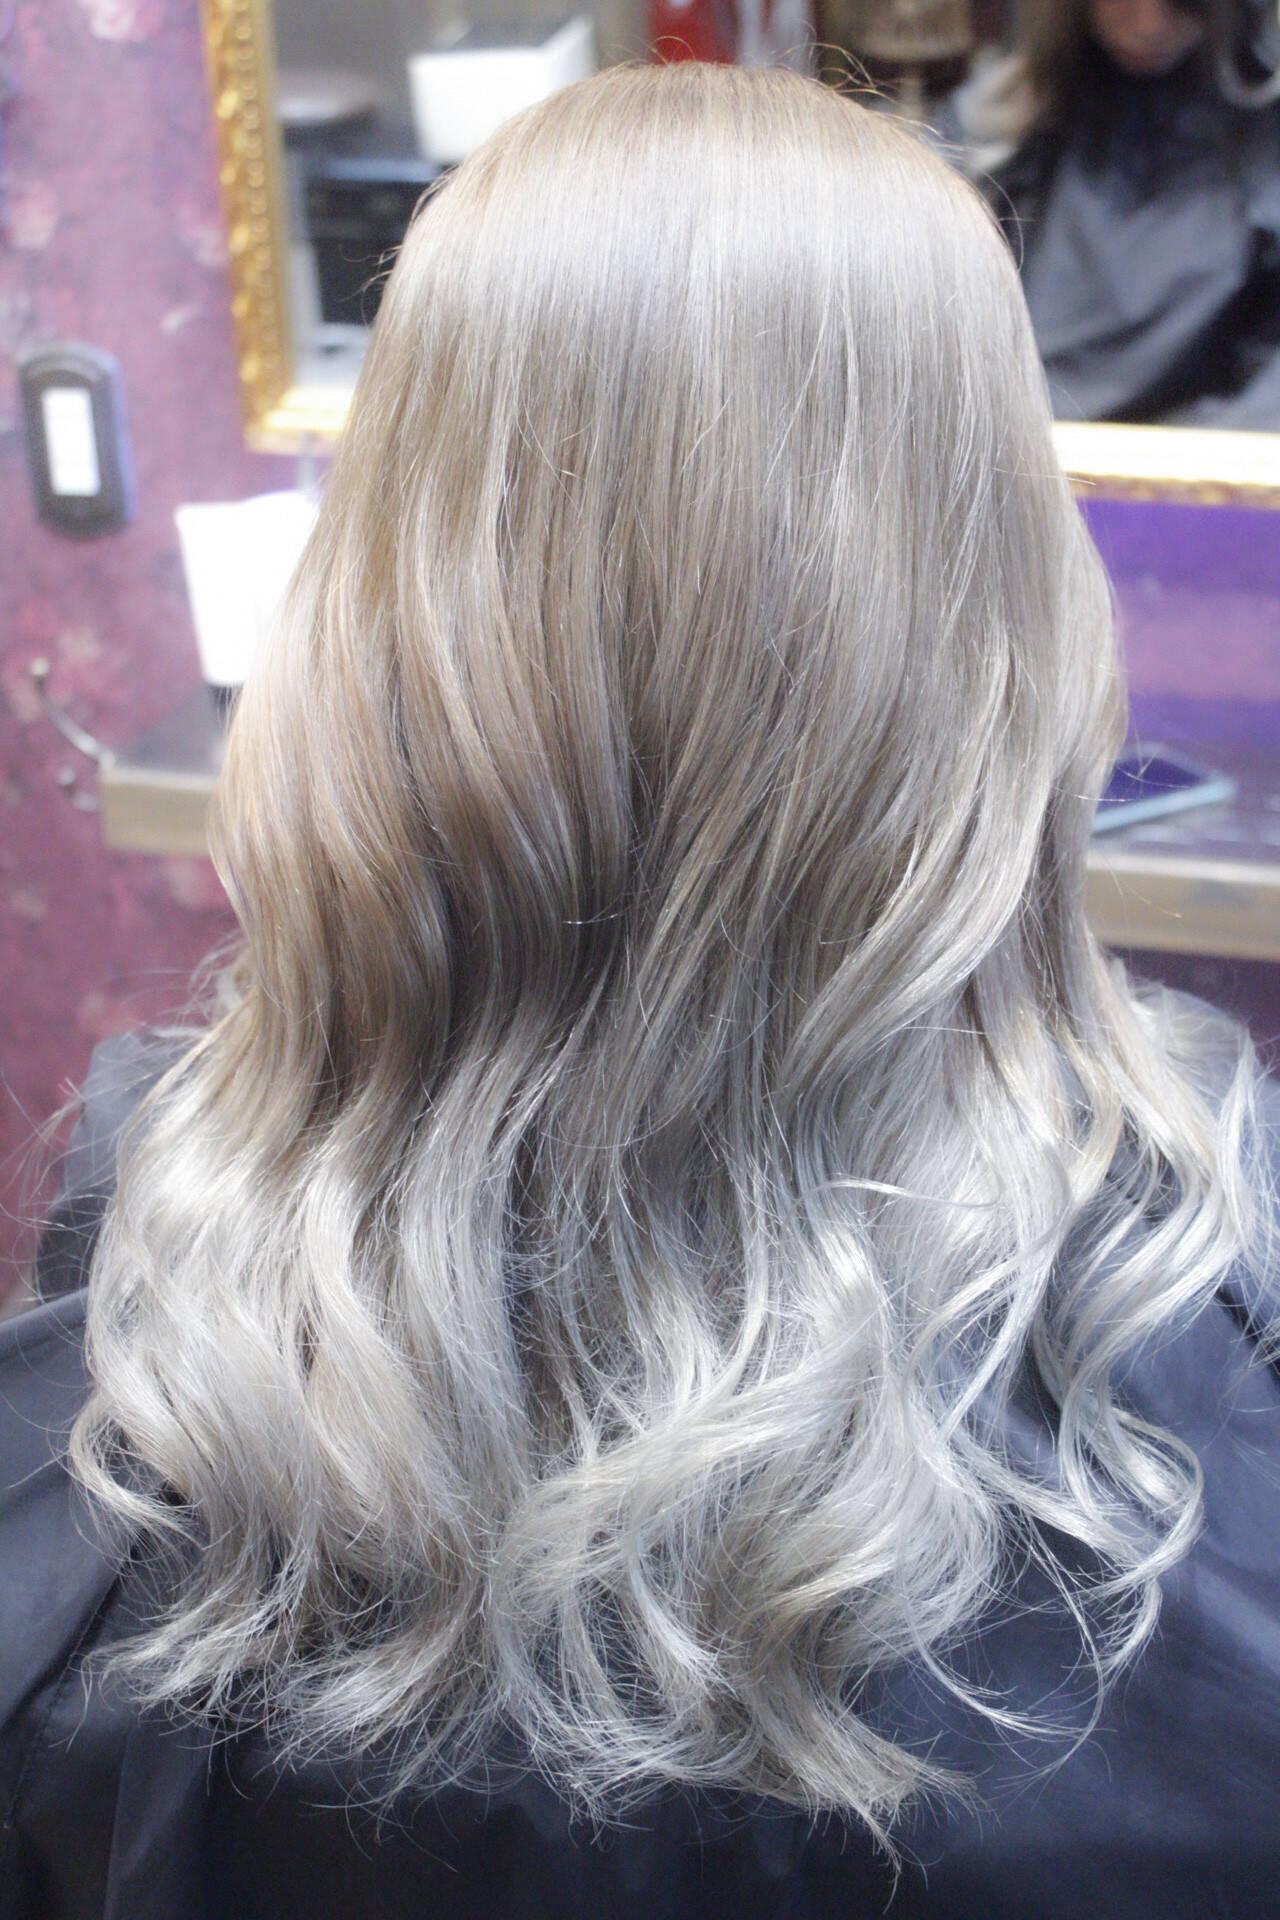 セミロング ブリーチ バレイヤージュ ナチュラルグラデーションヘアスタイルや髪型の写真・画像